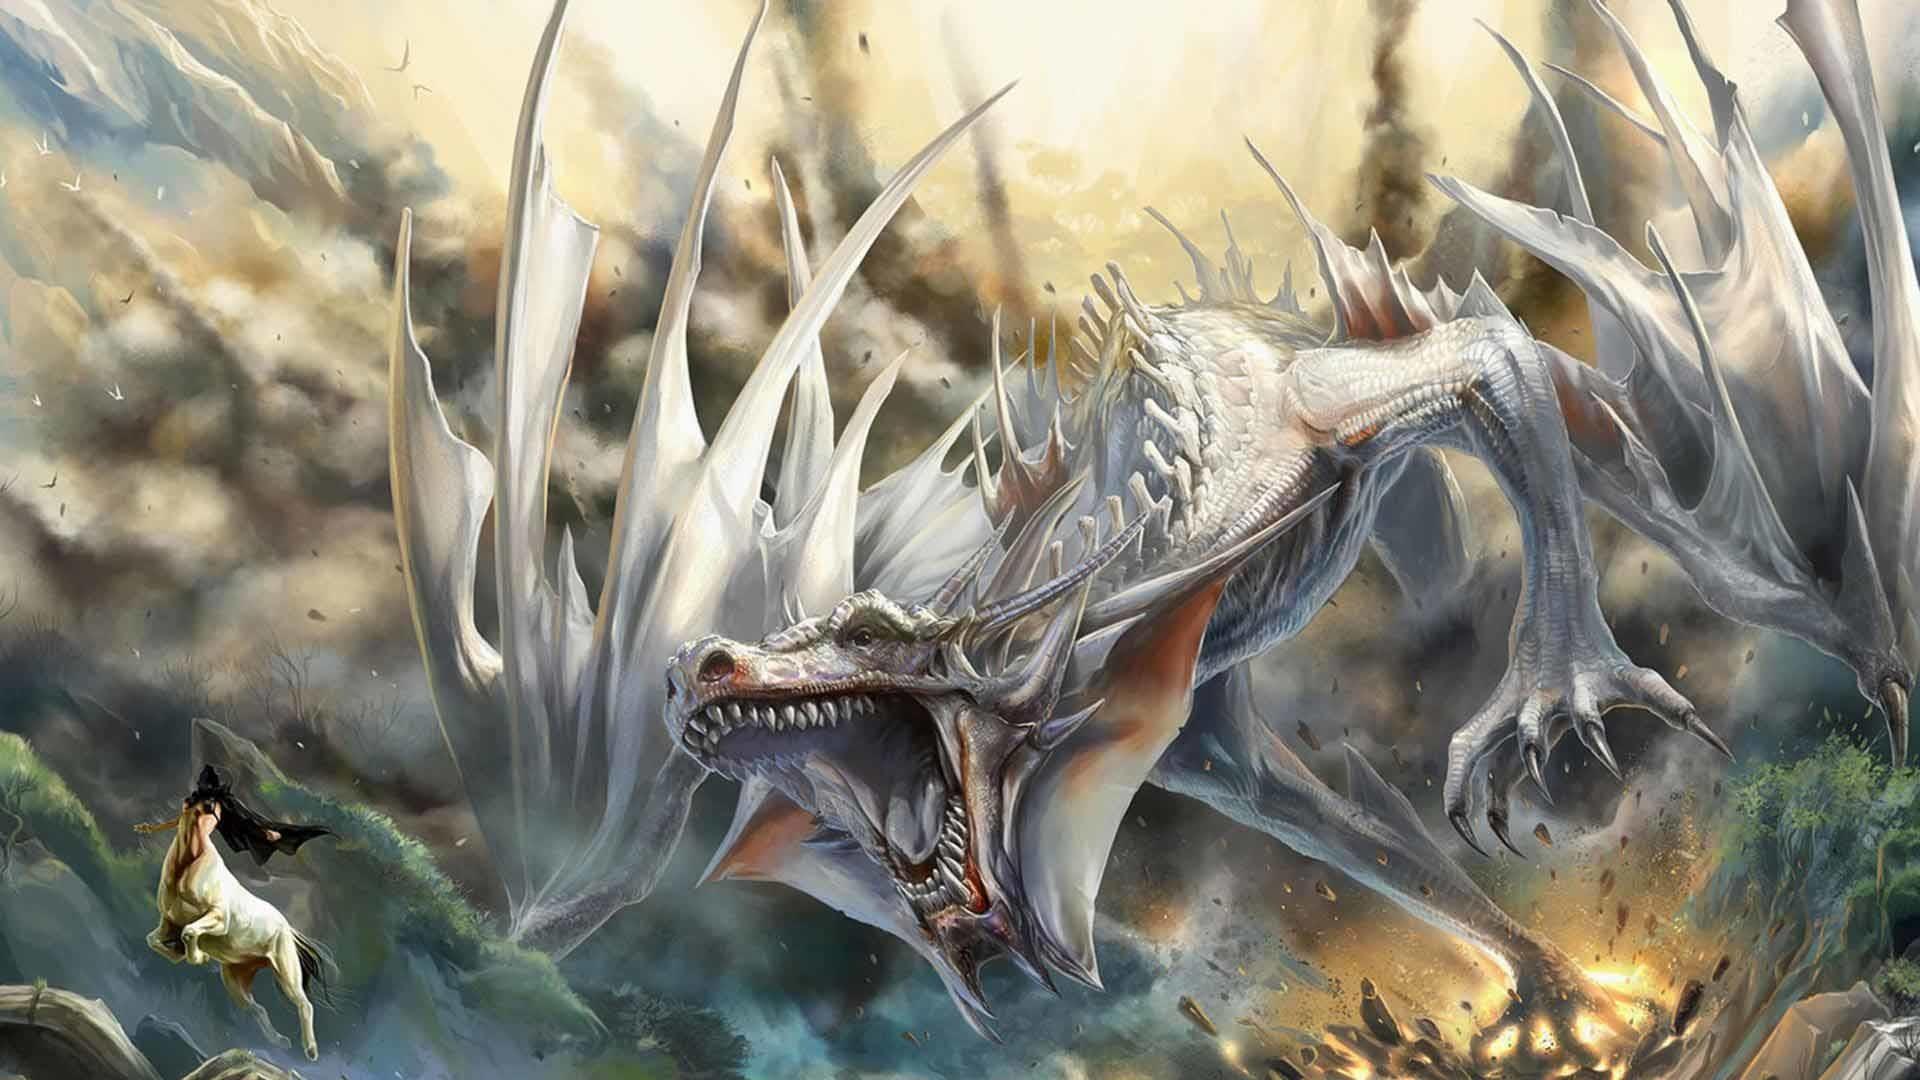 3D Dragon Wallpaper 1